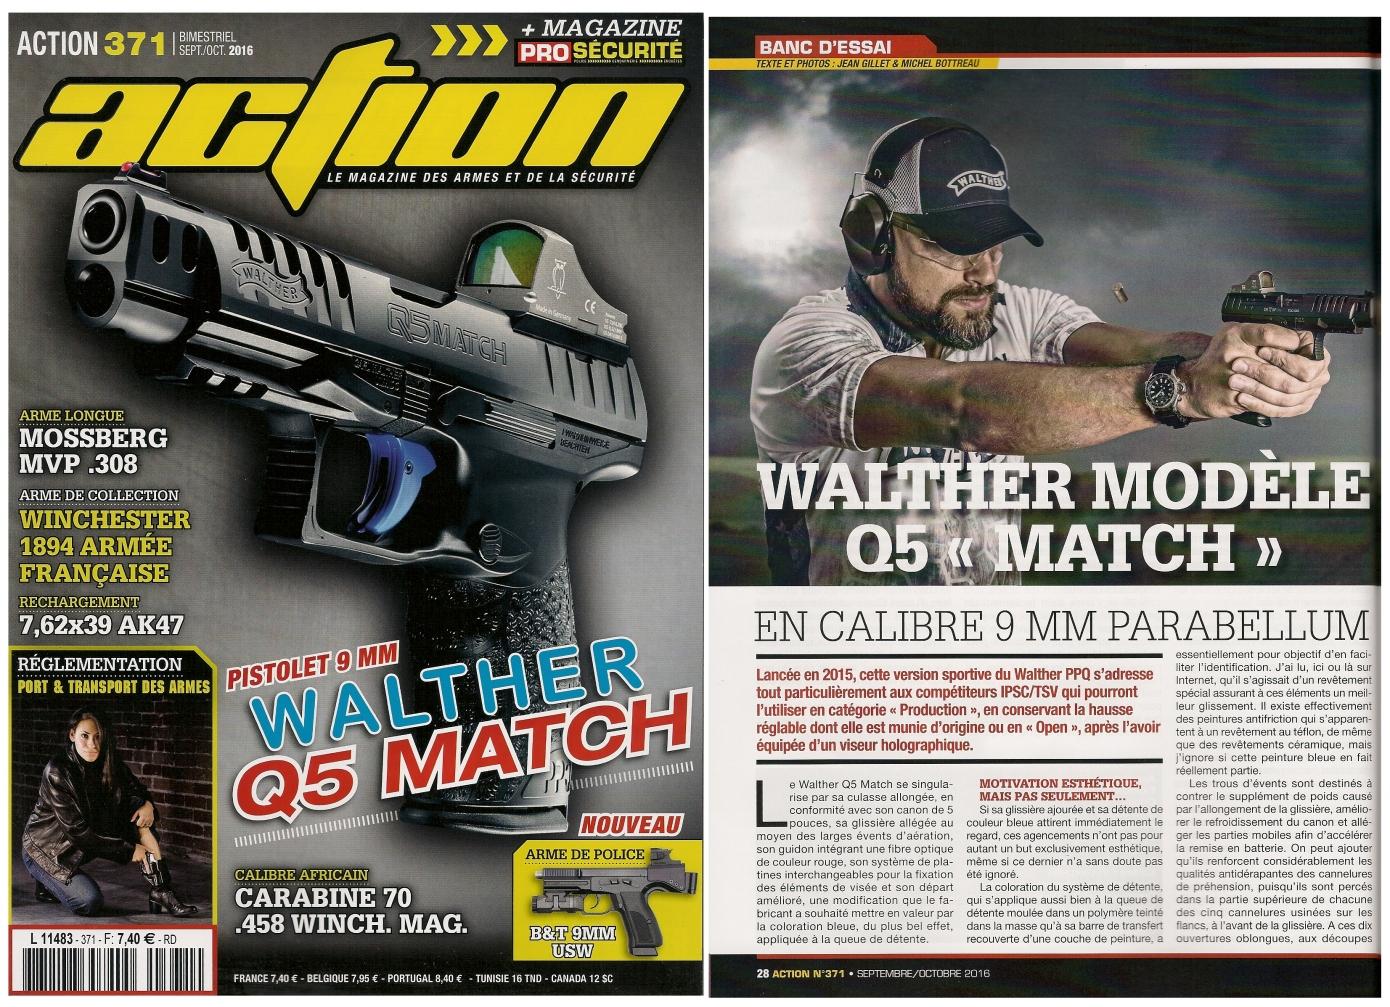 Le banc d'essai du pistolet Walther modèle Q5 Match a été publié sur 6 pages dans le magazine Action n°371 (septembre-octobre 2016).